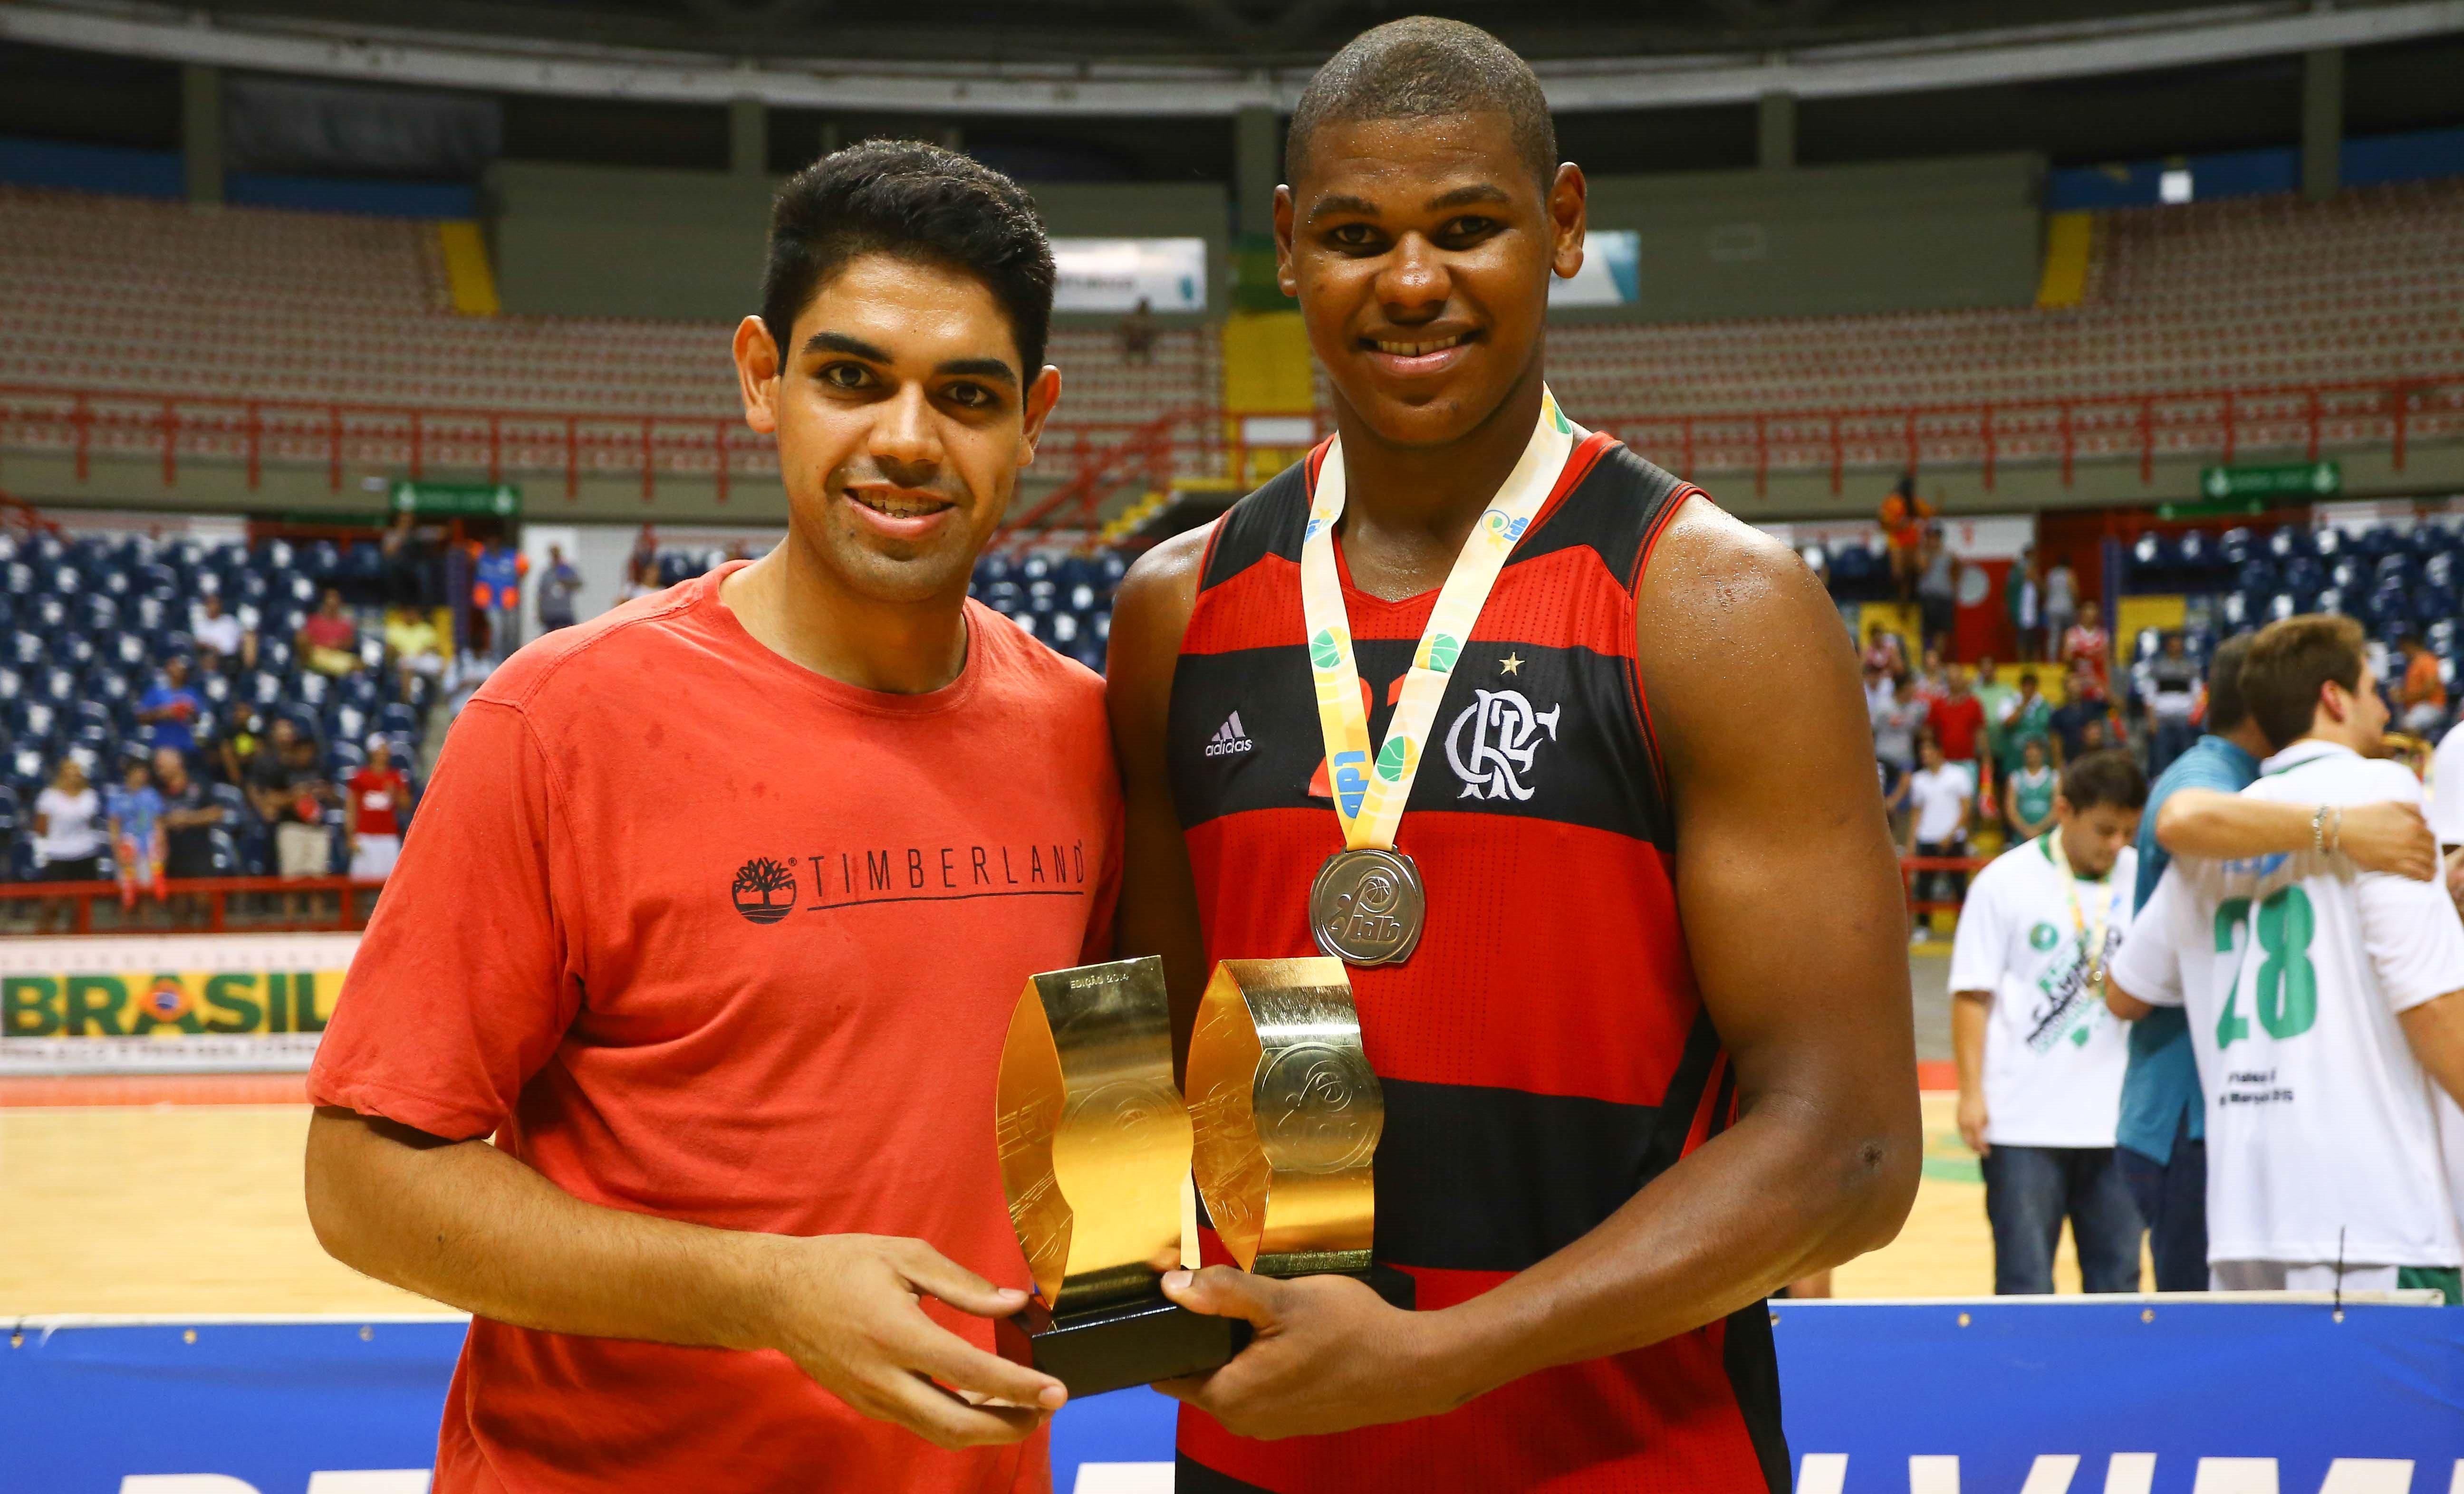 Das mãos de Andrézão, líder em eficiência da LDB 2012, Cristiano recebeu o mesmo prêmio este ano (Luiz Pires/LNB)